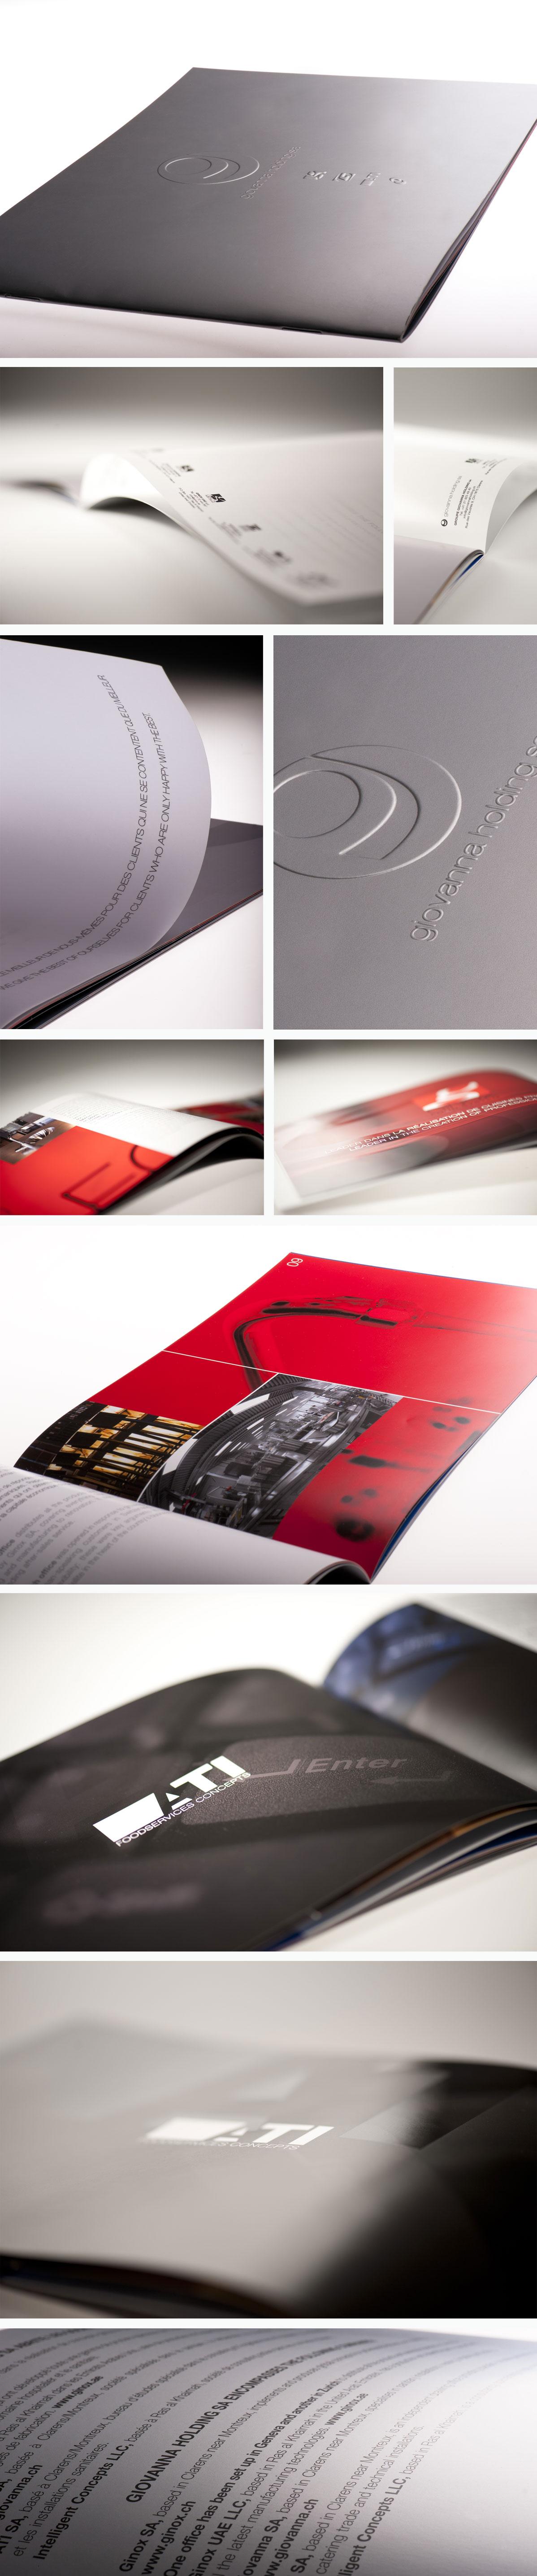 Creation graphique plaquette prestige Ginox Cuisine